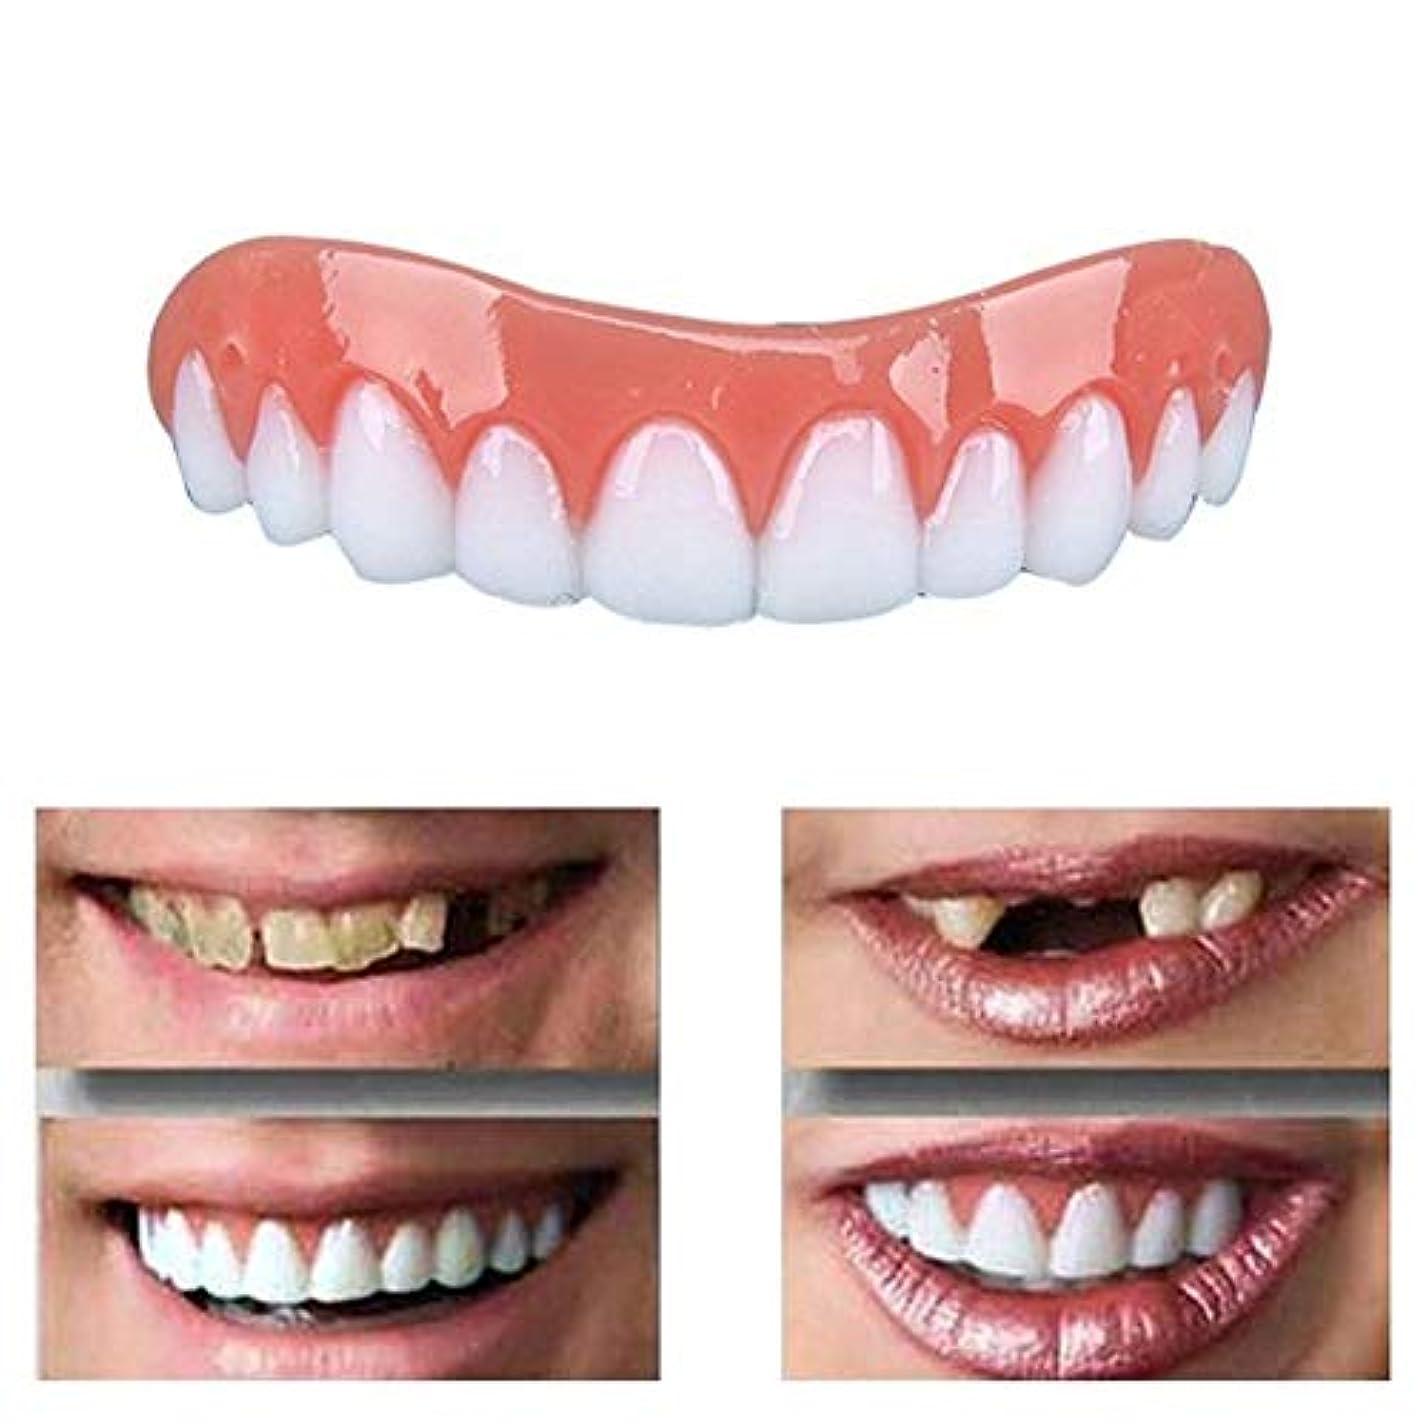 から聞く物質コンプリート2組の完璧な笑顔のベニヤダブの歯の修正のための在庫でダブあなたに与える完璧な笑顔のベニヤ